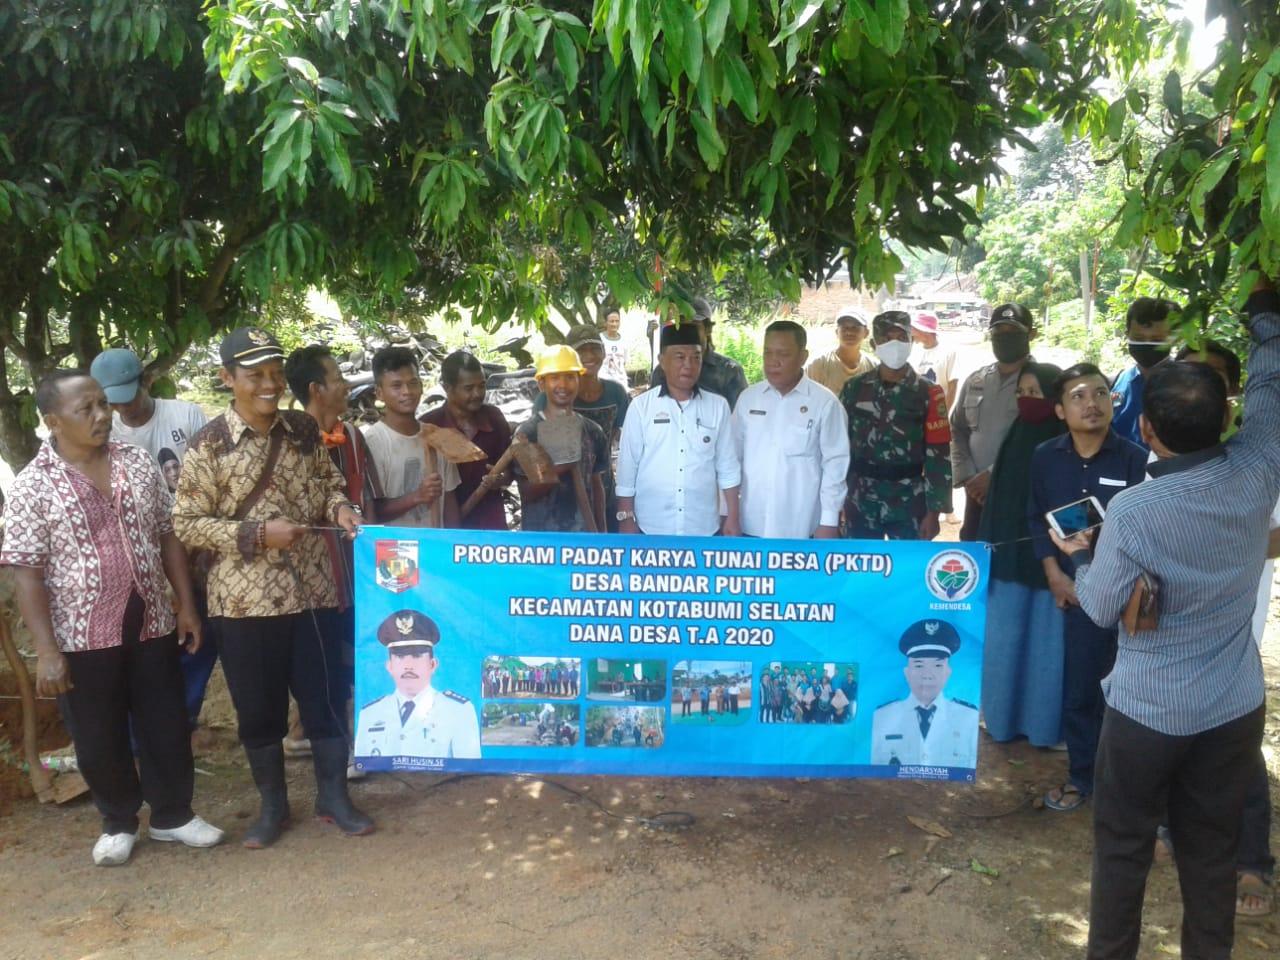 Warga Desa Bandar Putih ikut Berpartisipasi dalam Kegiatan PKT